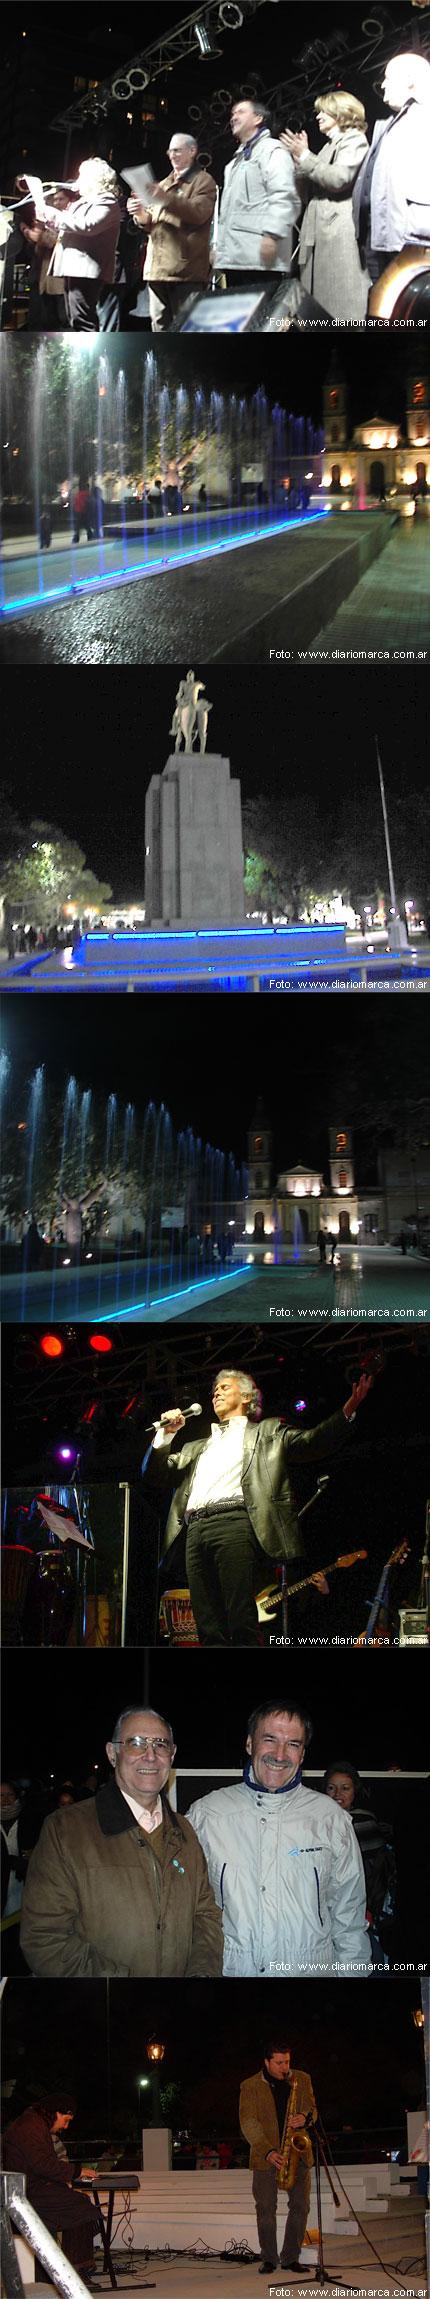 Inauguracion Plaza 25 de Mayo - Bell Ville -Schiaretti presente